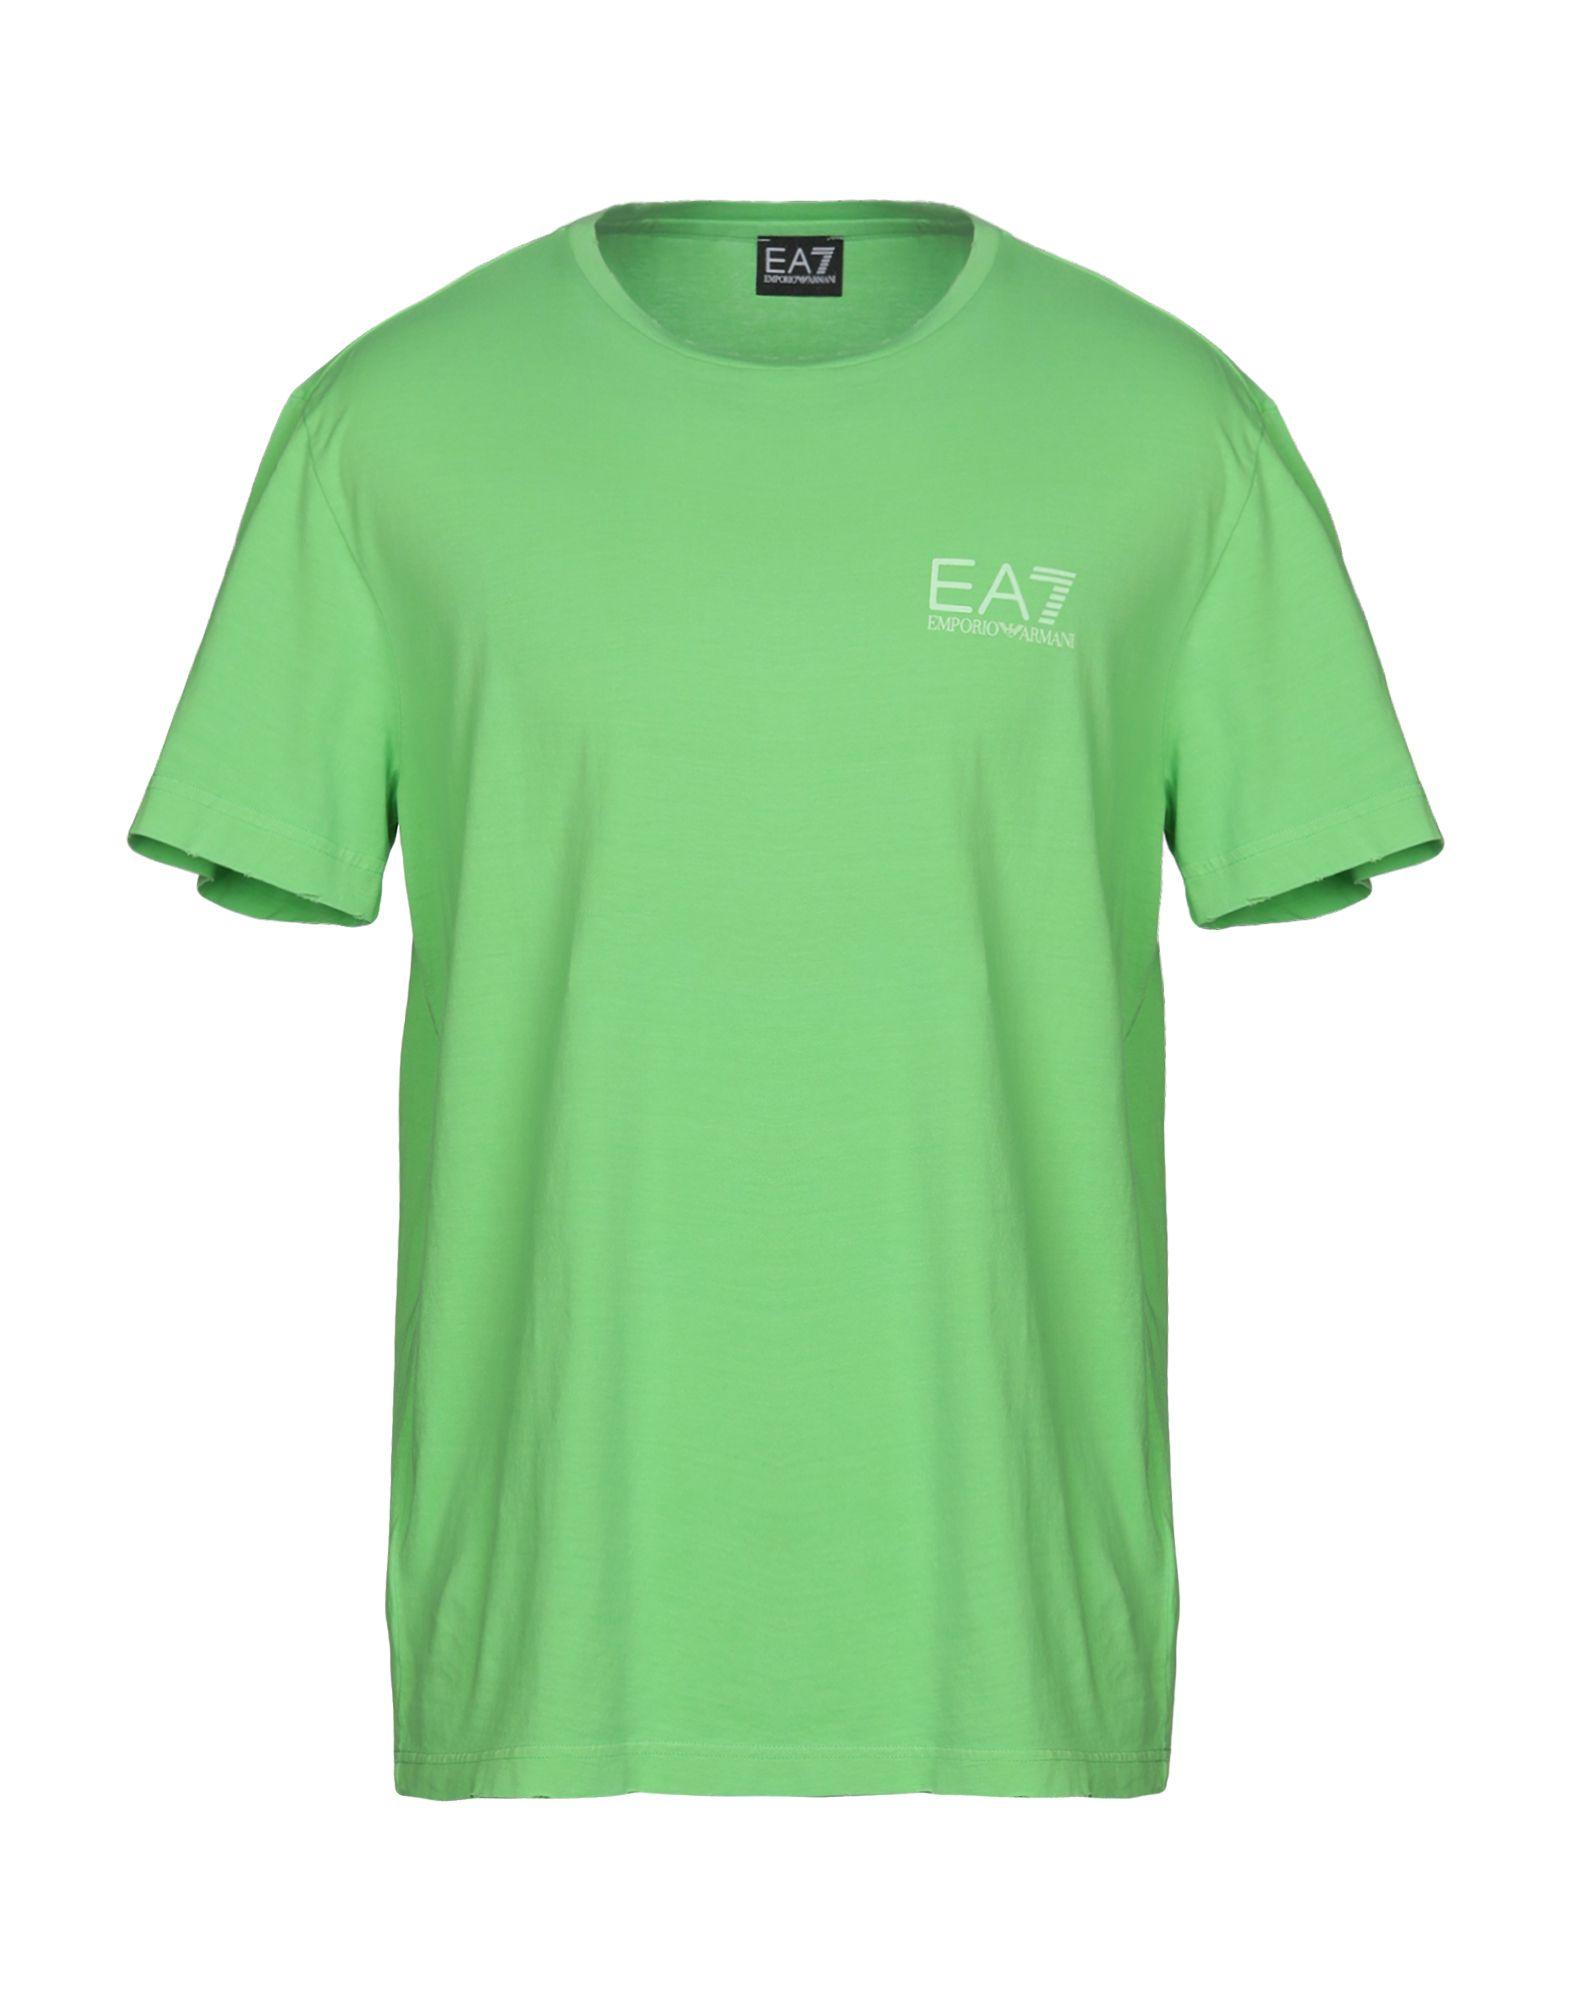 《送料無料》EA7 メンズ T シャツ ライトグリーン XL コットン 100%